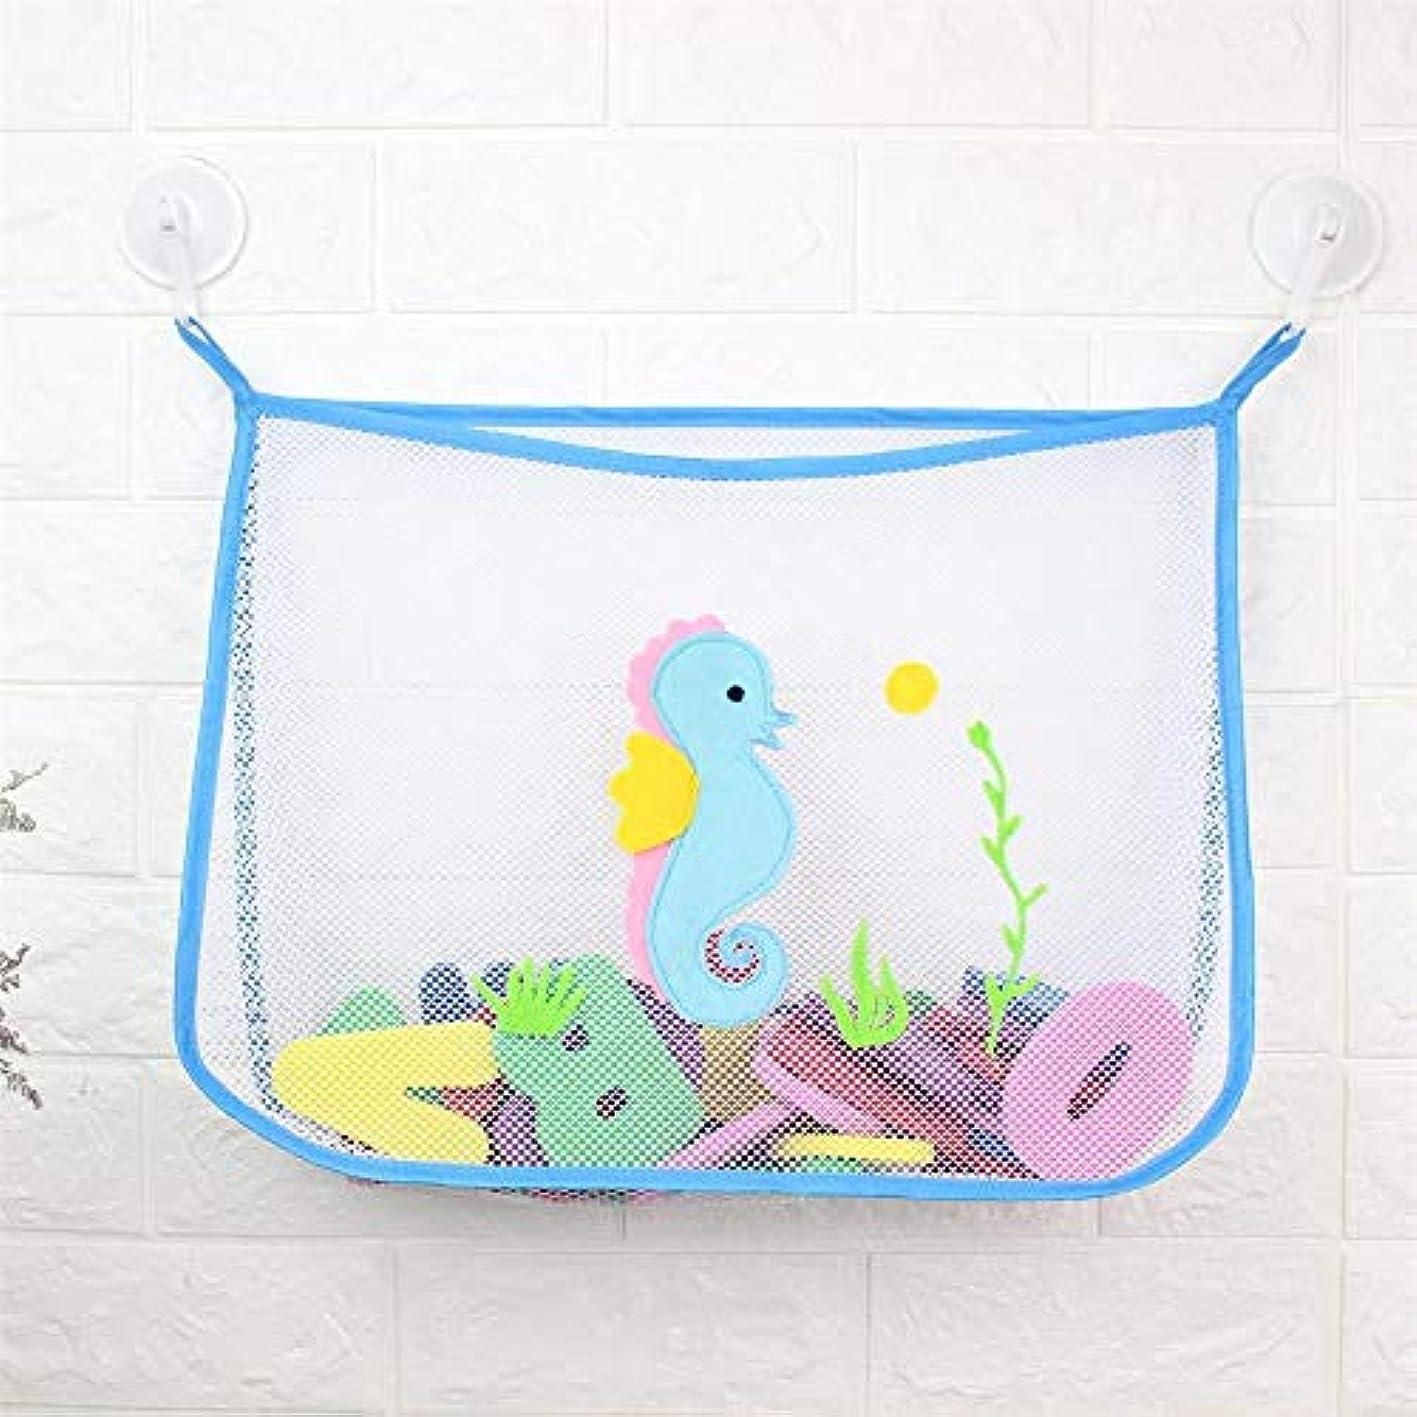 国旗脈拍望遠鏡ベビーシャワー風呂のおもちゃ小さなアヒル小さなカエルの赤ちゃん子供のおもちゃ収納メッシュで強い吸盤玩具バッグネット浴室オーガナイザー (青)